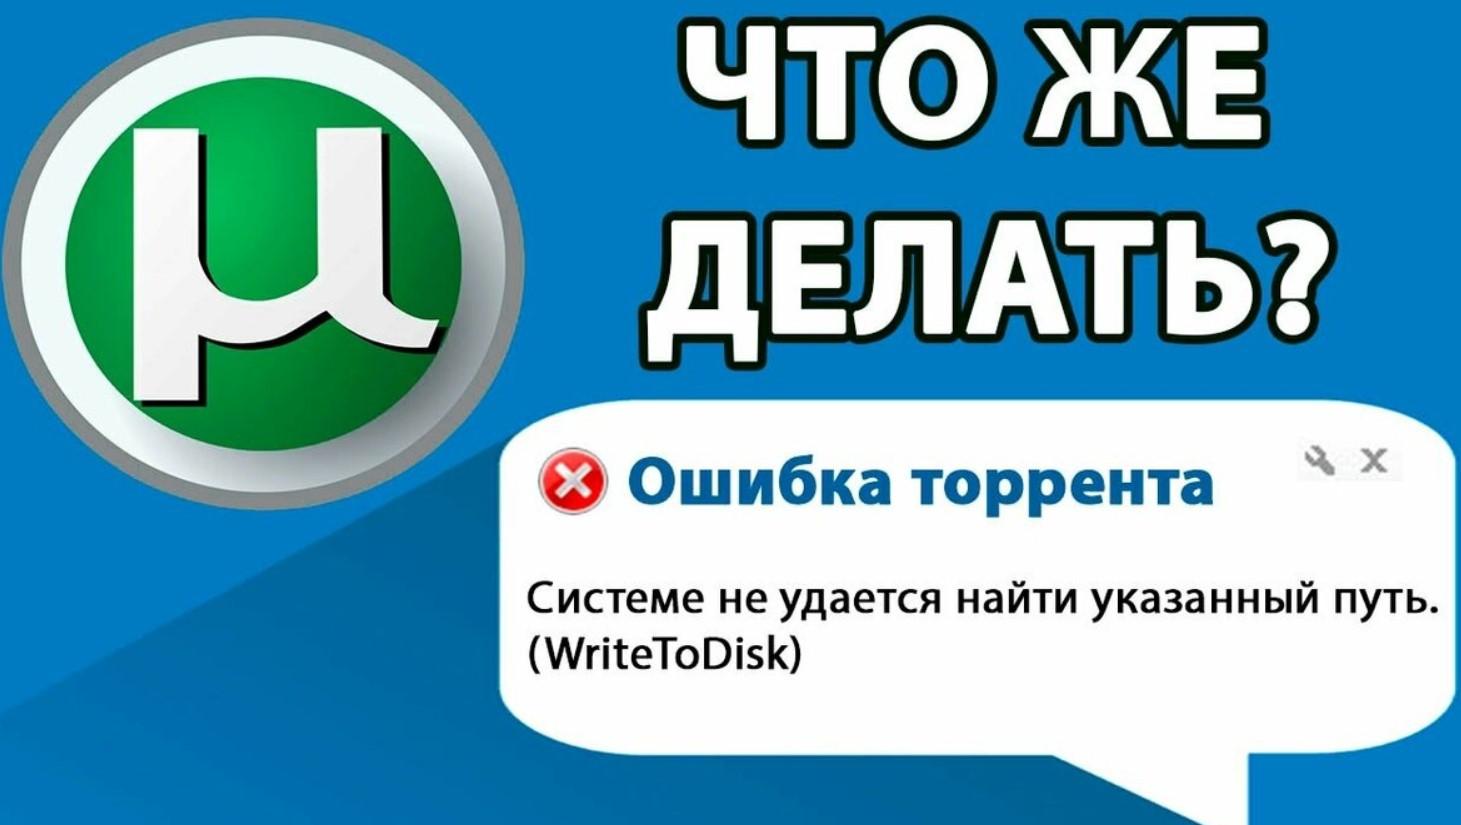 Системе не удается найти указанный путь Writetodisk